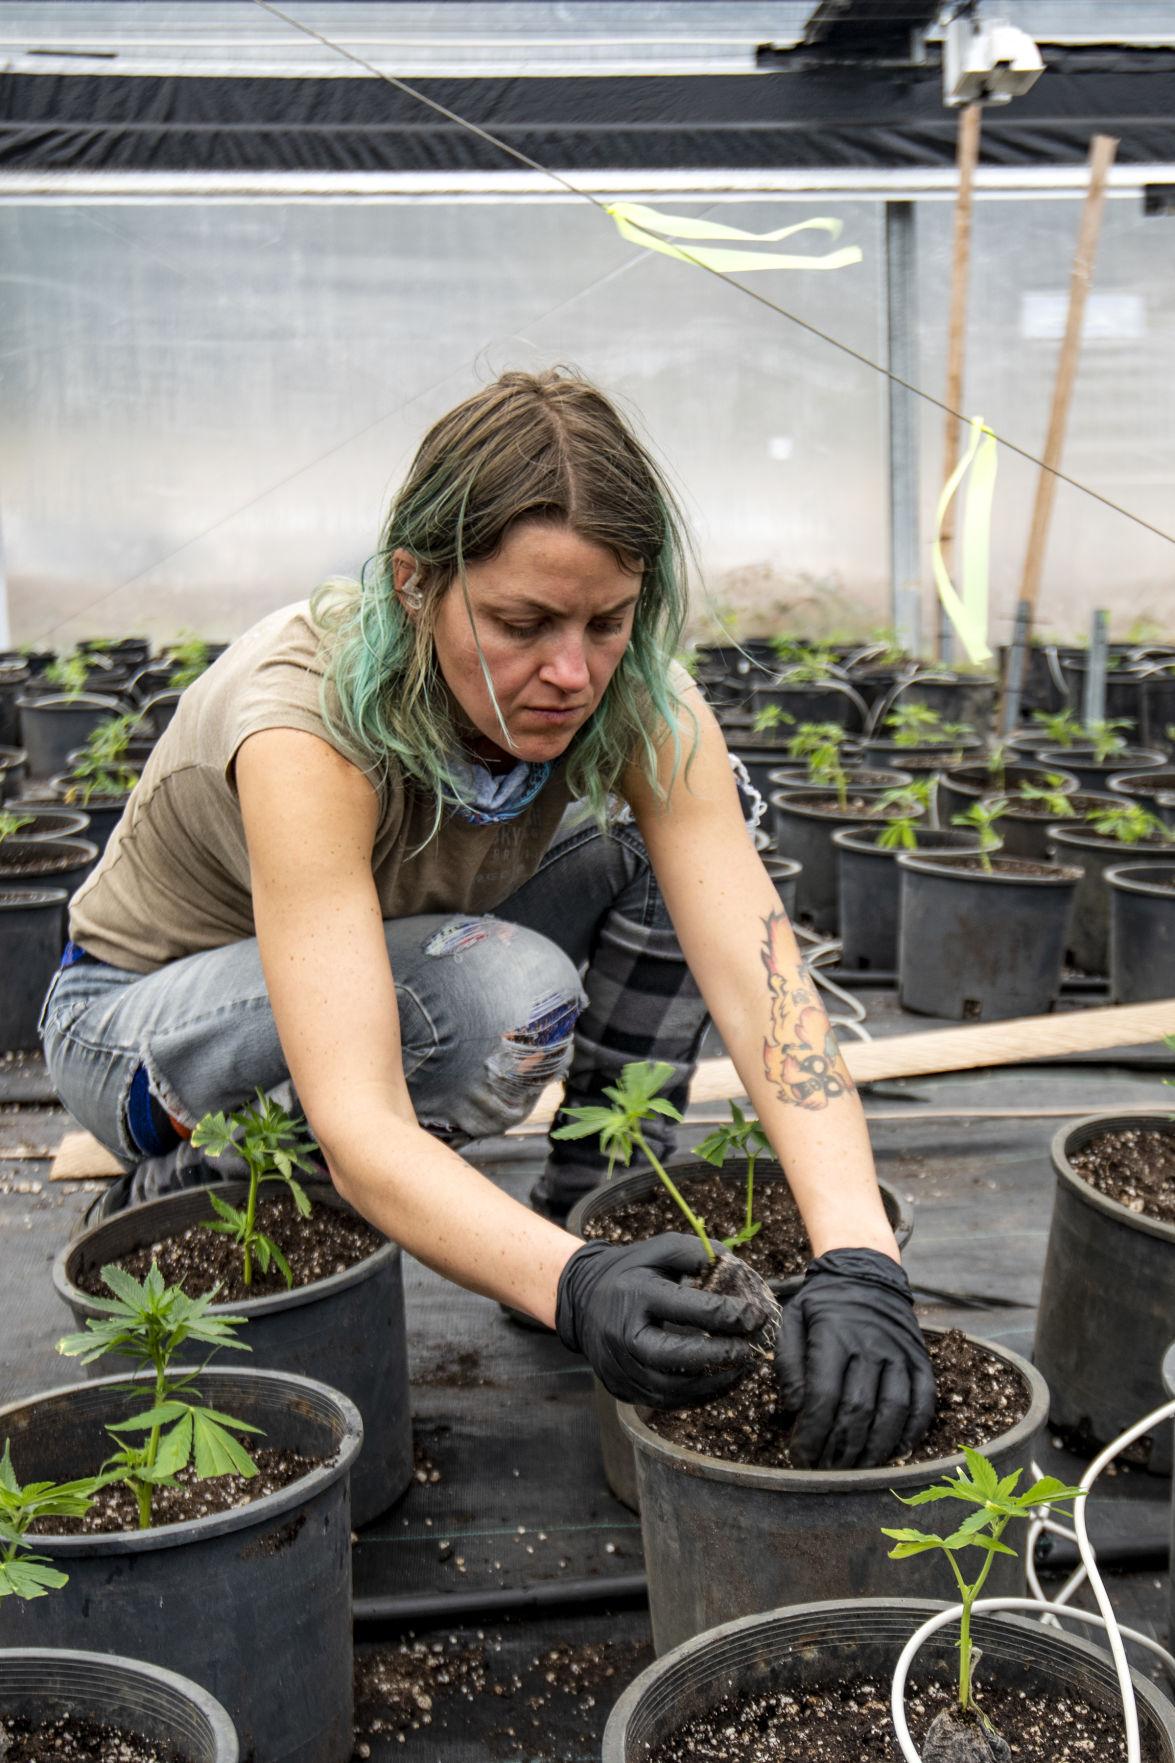 Life of a Cannabis Farmer 3